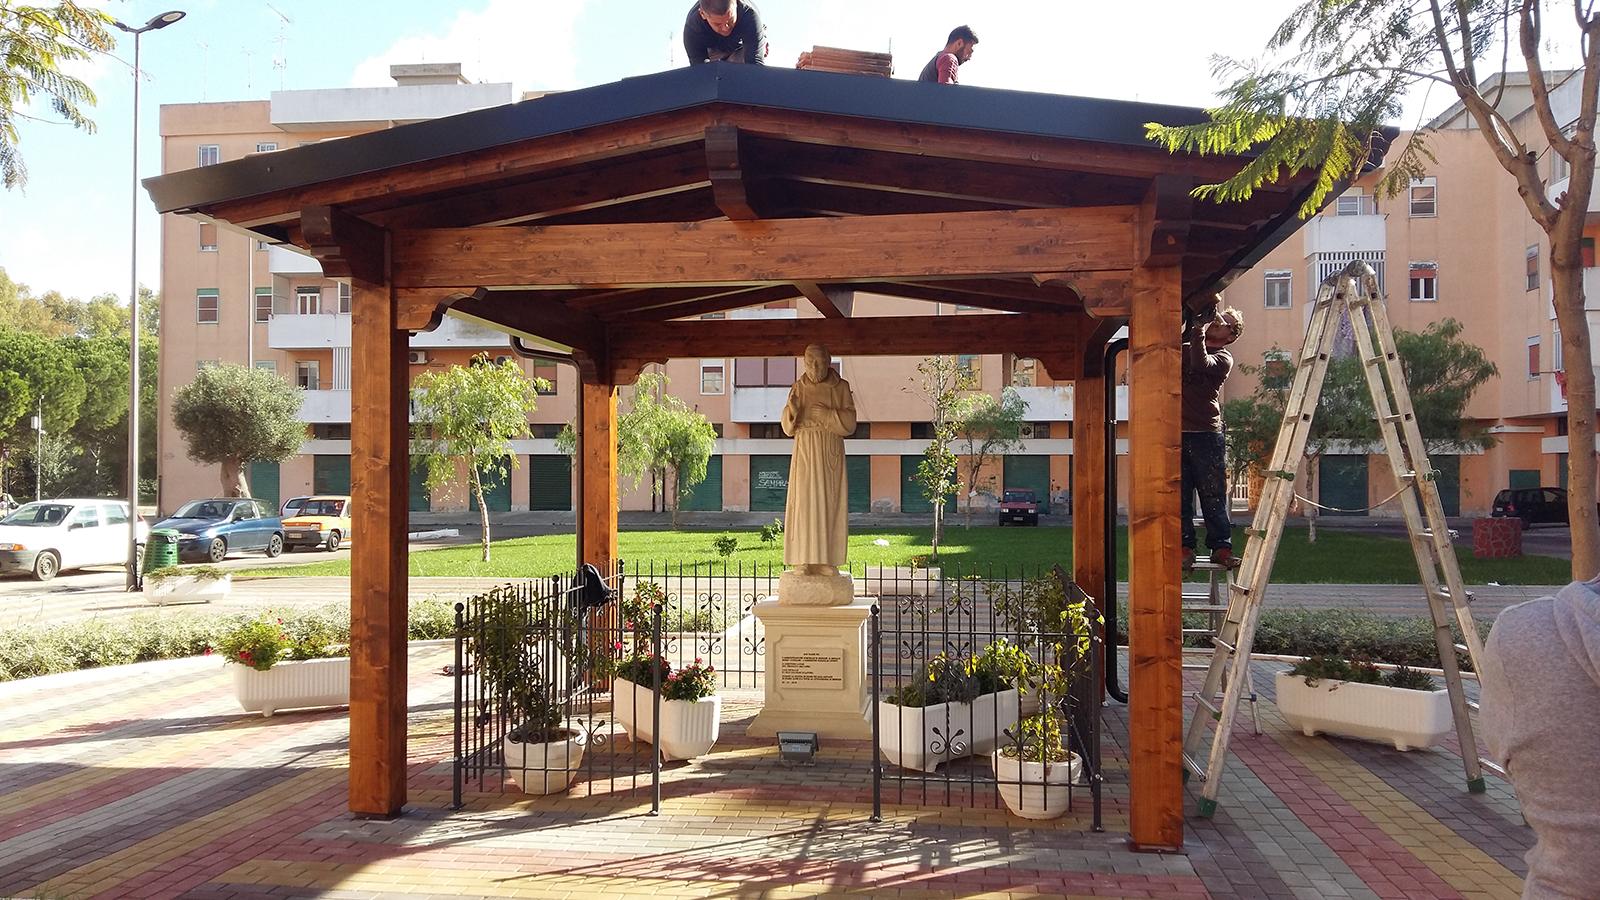 un gazebo in legno con sotto una statua di Gesu'